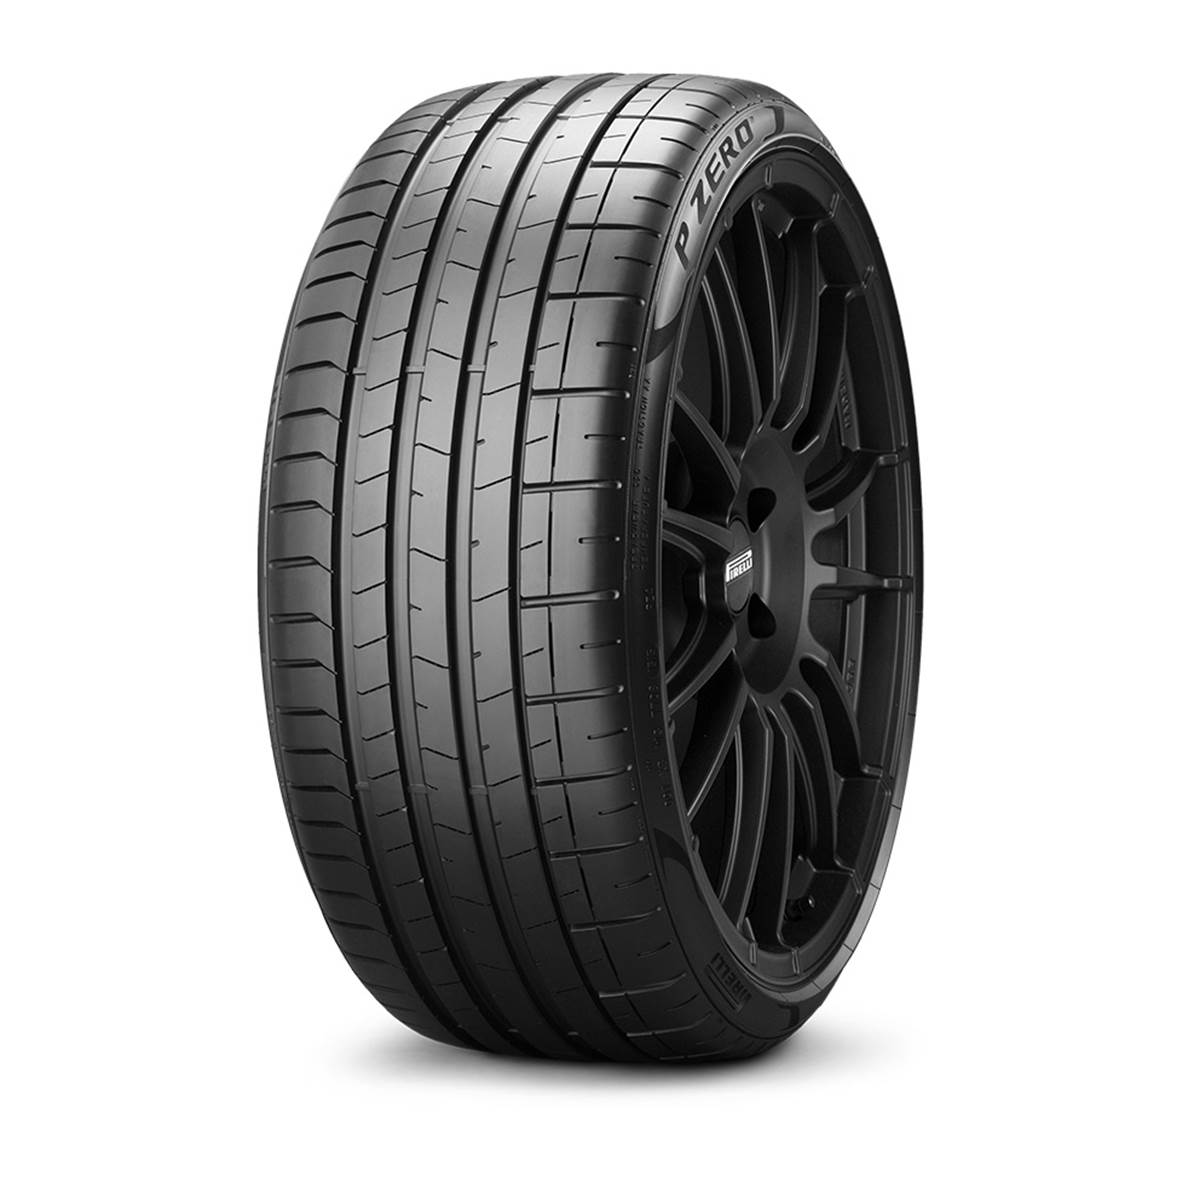 Pneu Pirelli 235/55R18 104Y Pzero XL